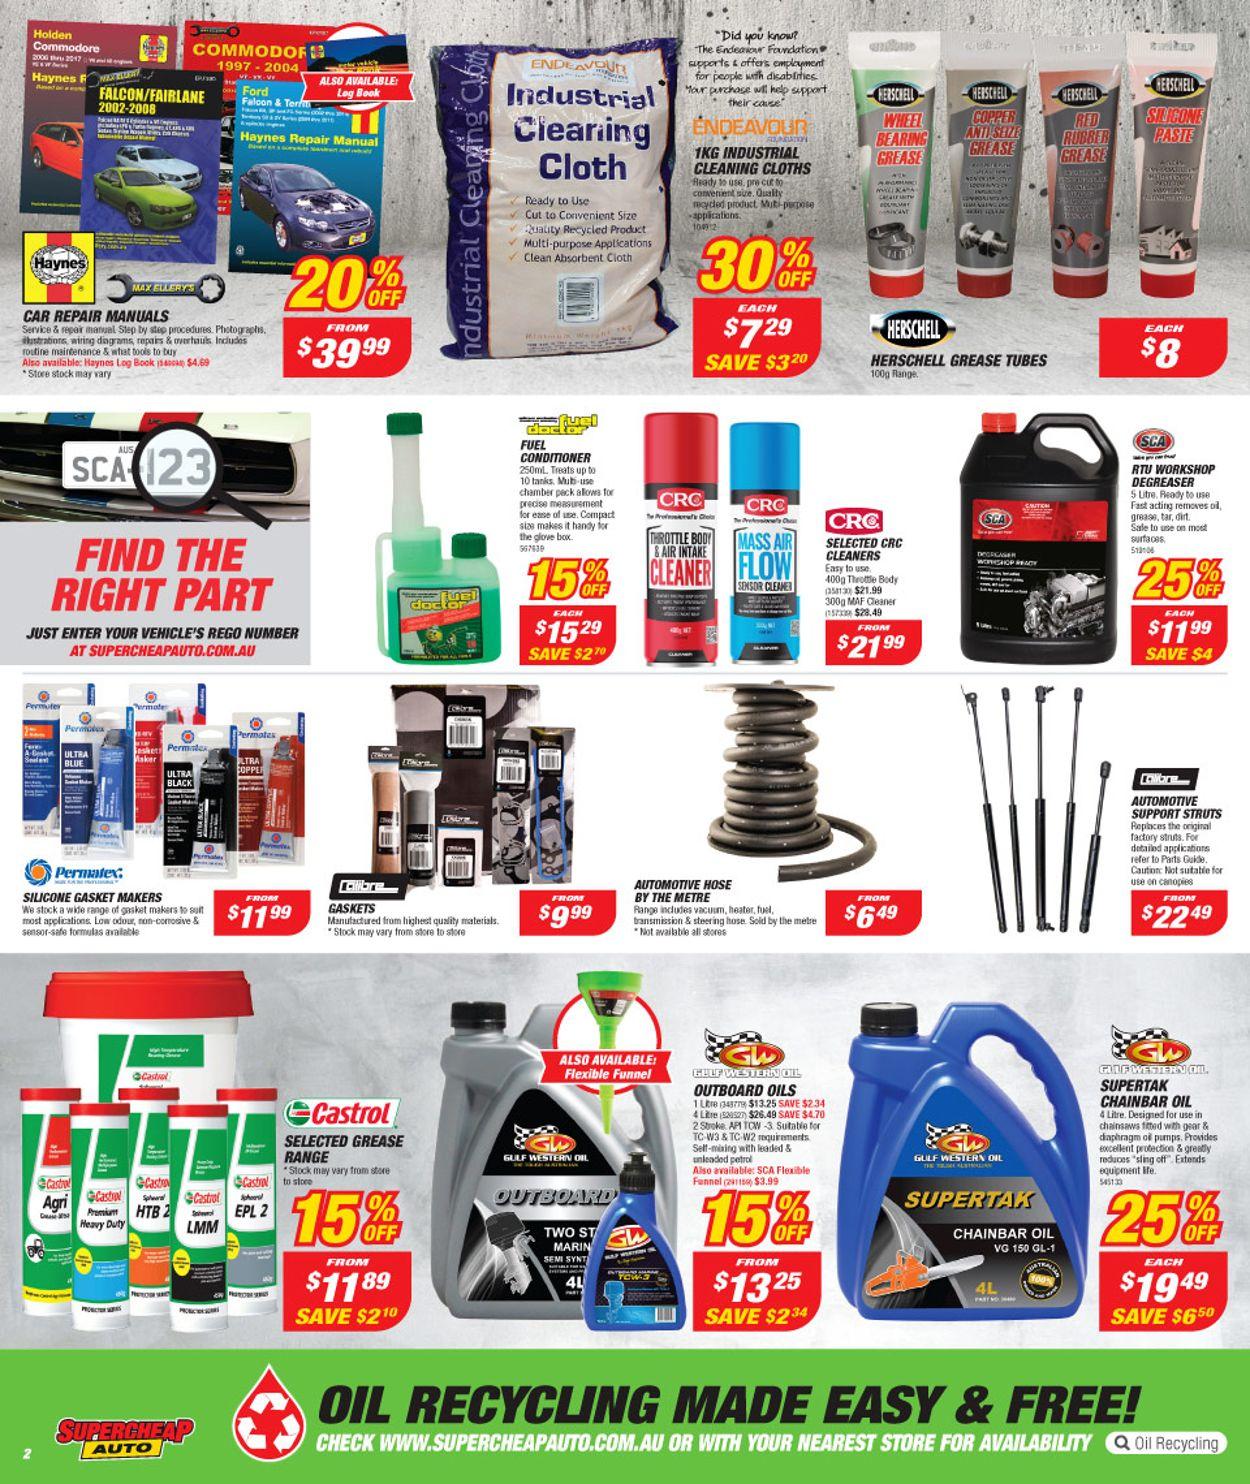 Supercheap Auto Catalogue - 27/12-09/01/2020 (Page 2)